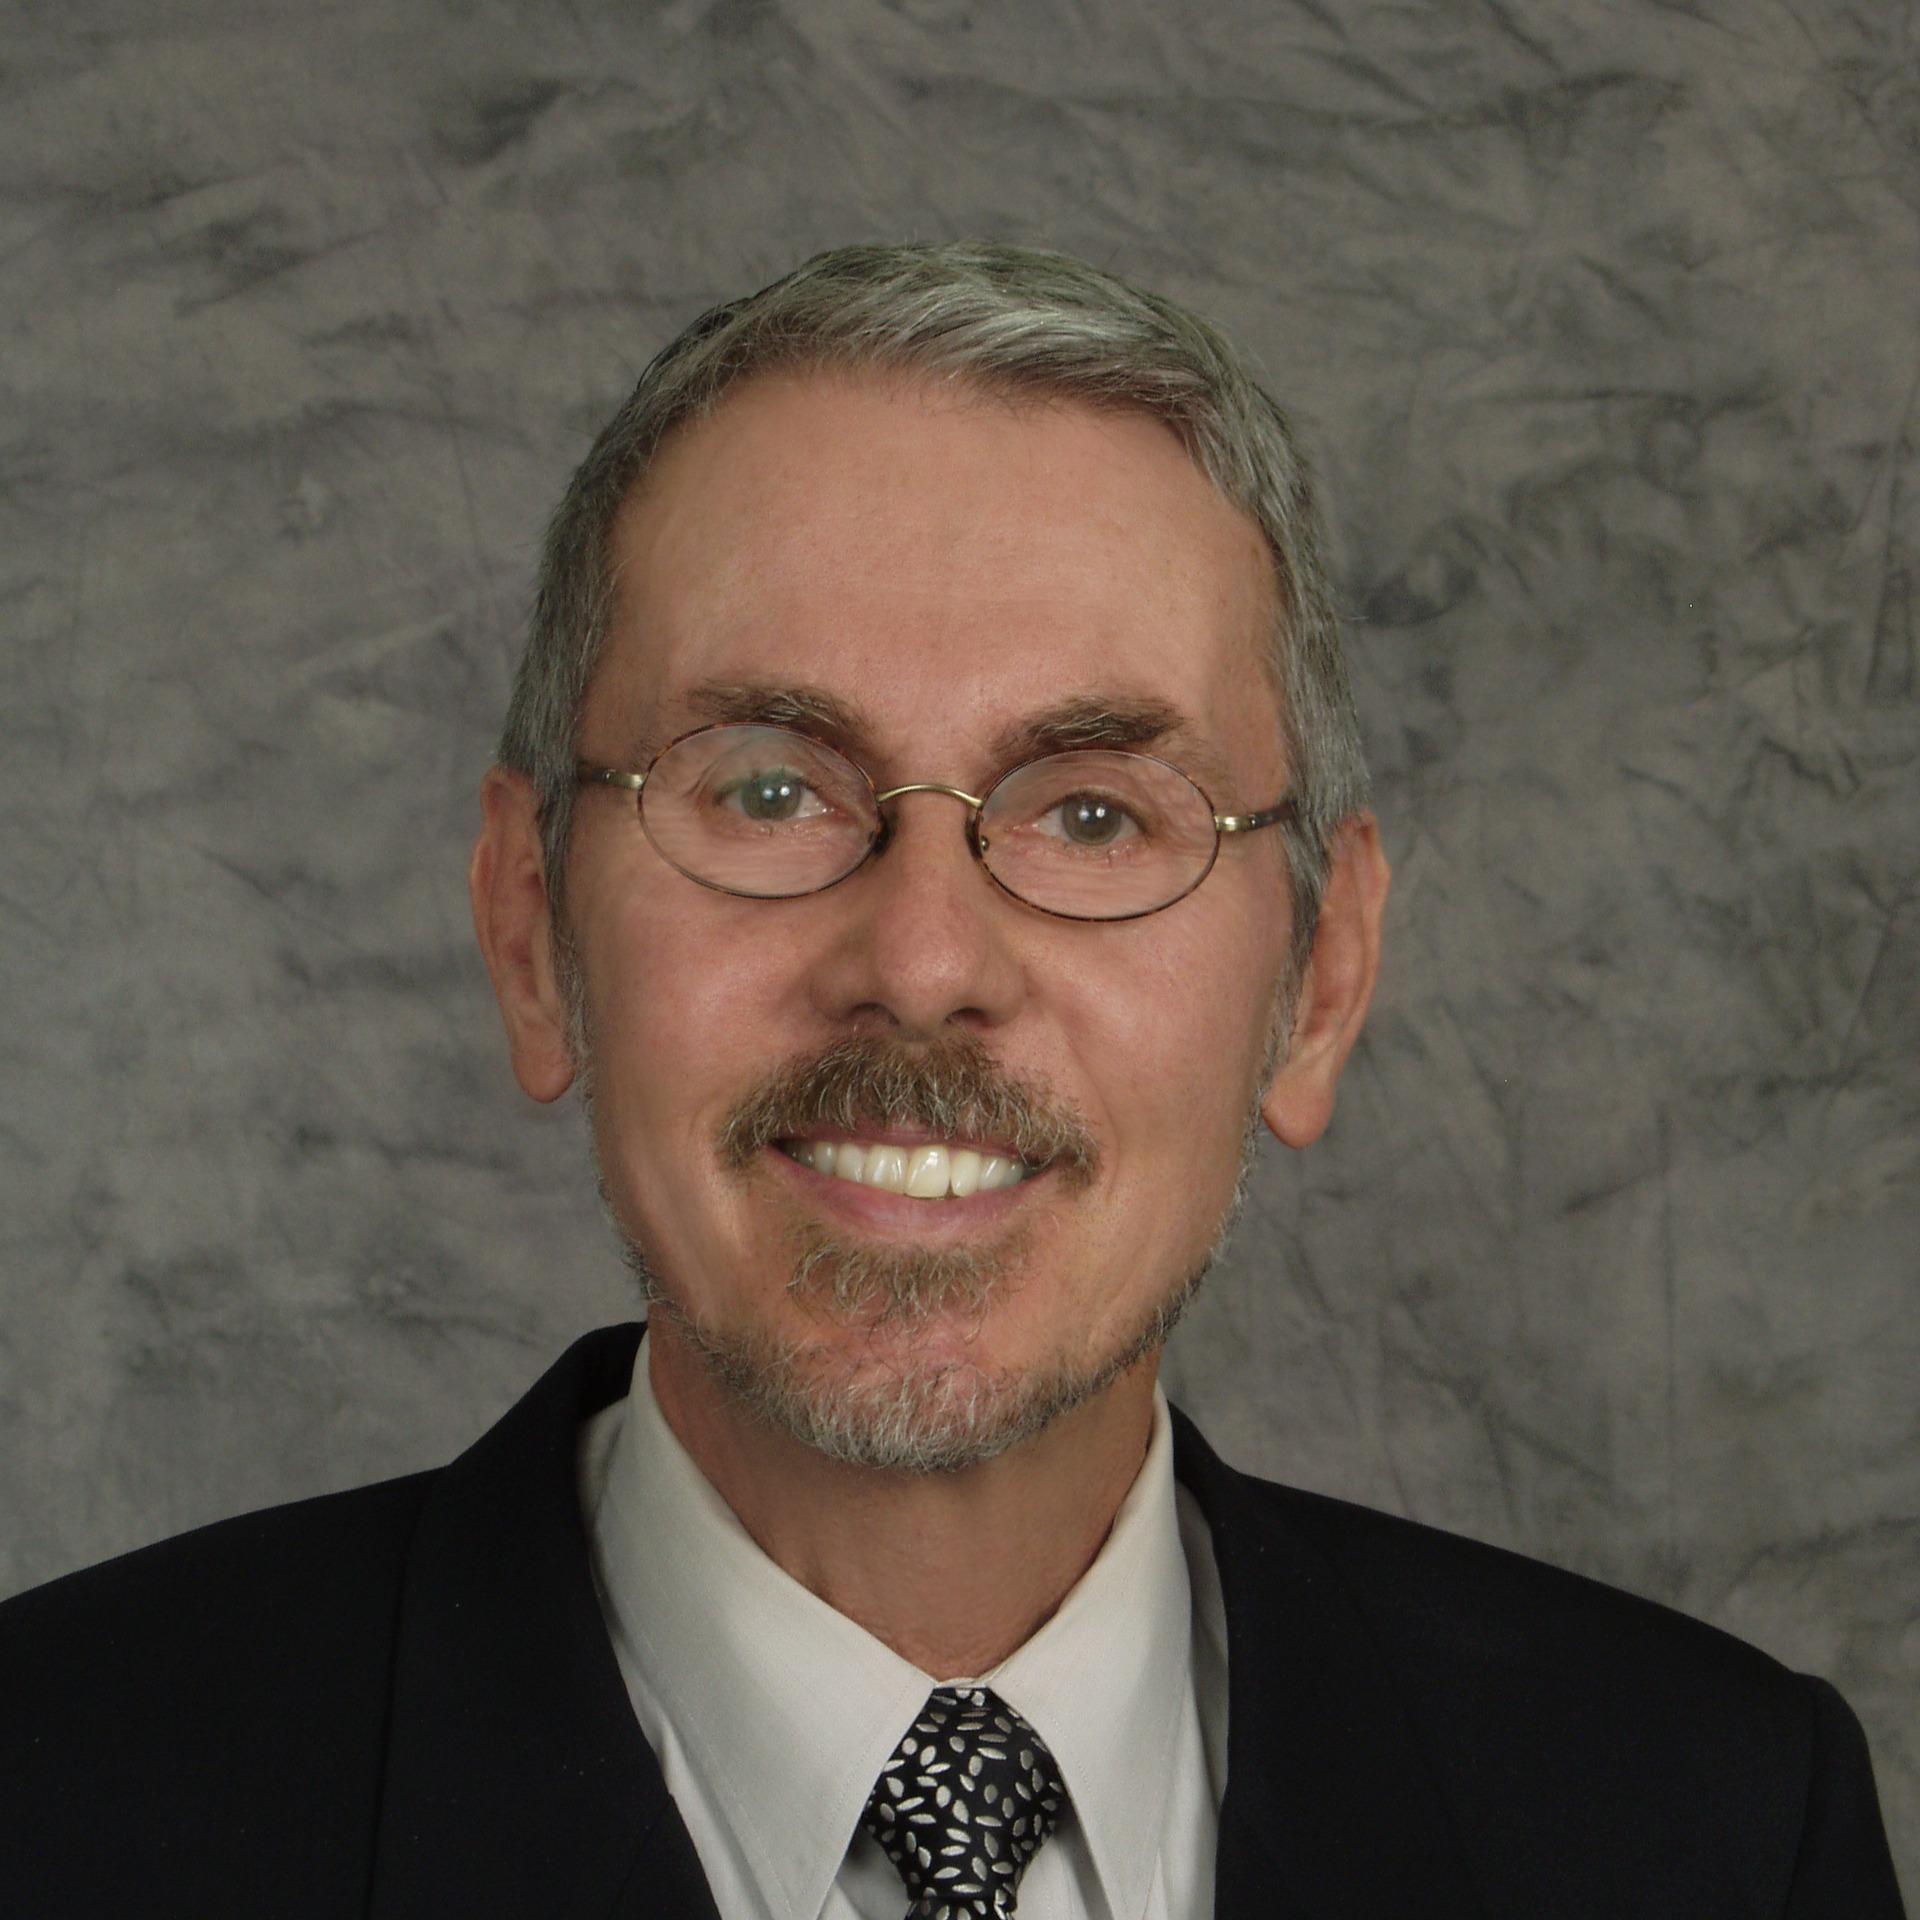 Jim Murrell